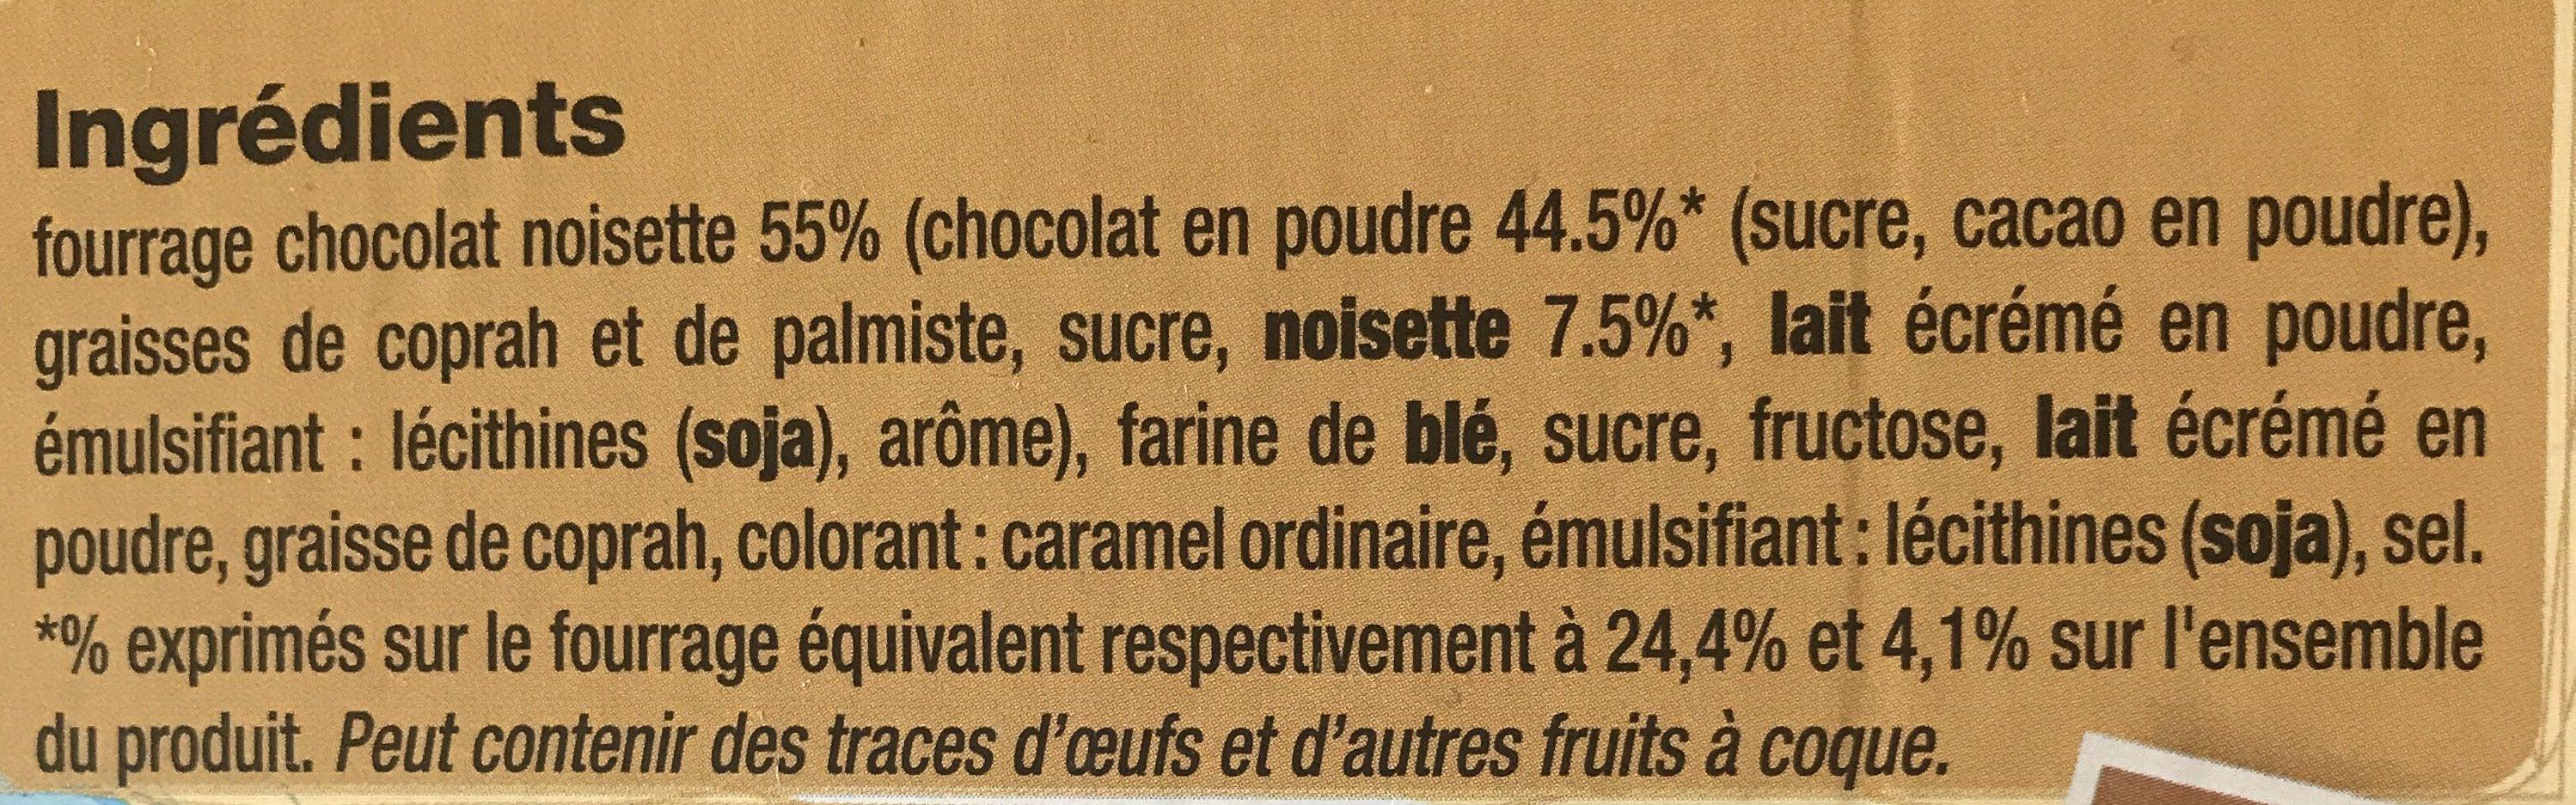 Cigarettes Fourrées Chocolat Noisettes - Ingrédients - fr